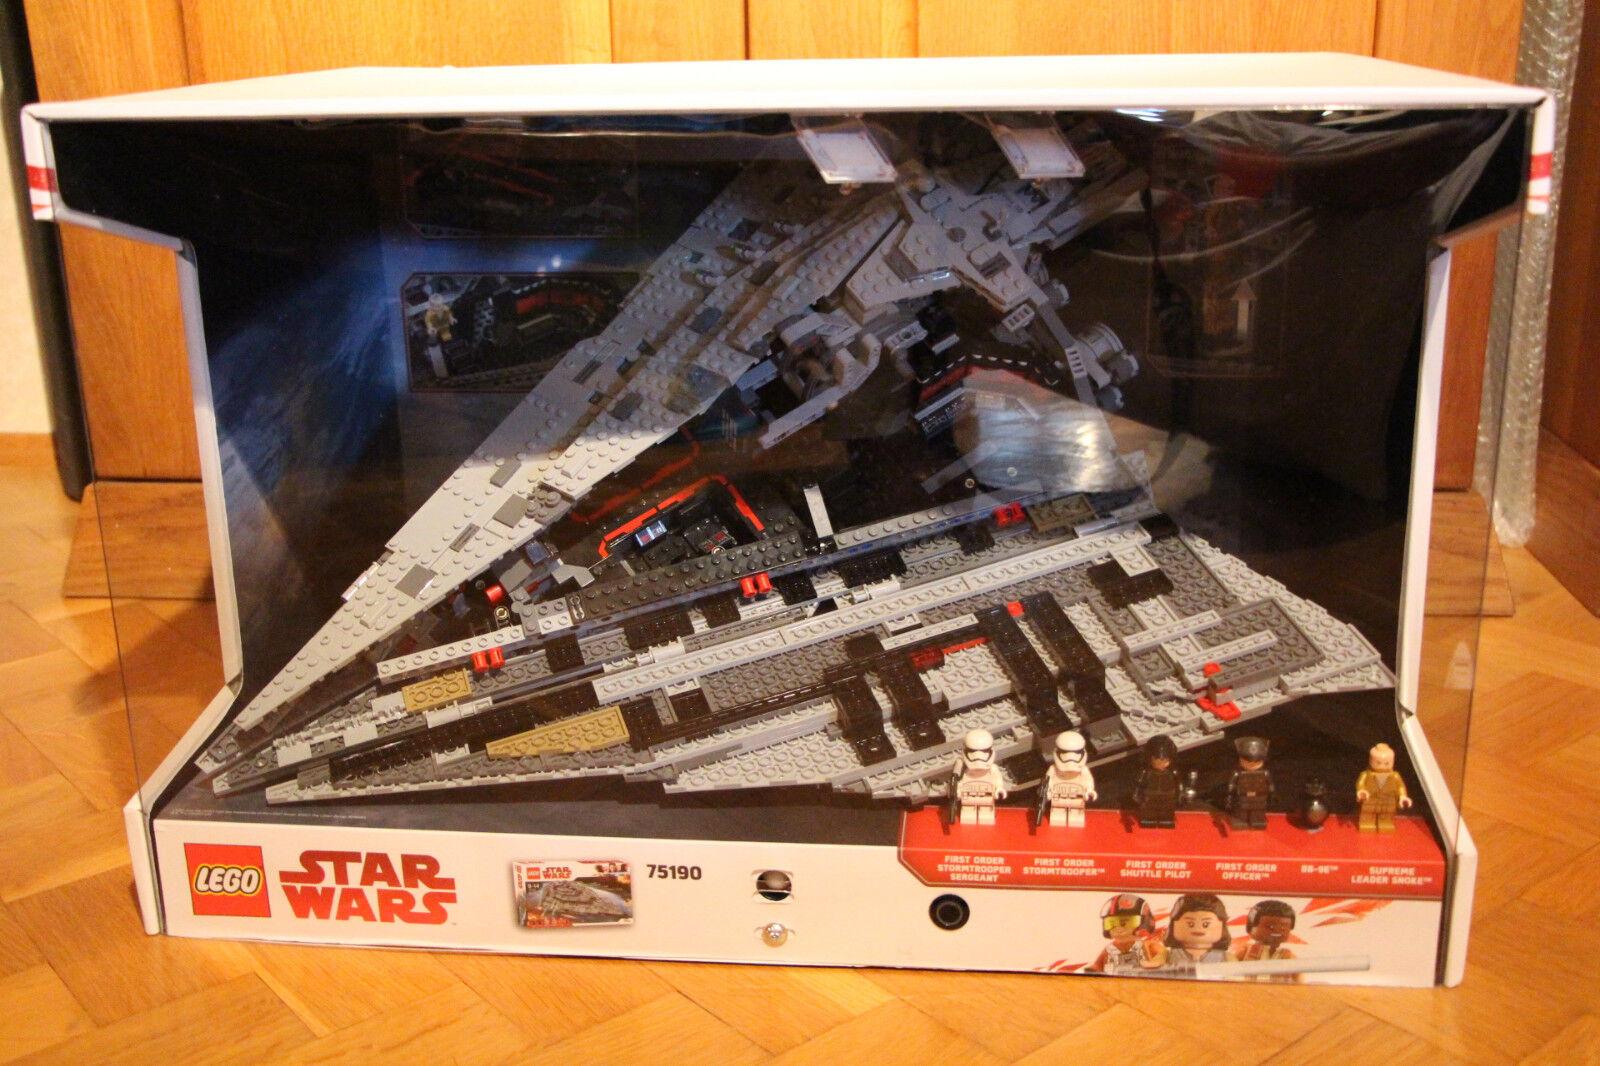 LEGO SCHAUKASTEN - DIORAMA: Star Wars 75190 - Sternenzerstörer - Star Destroyer